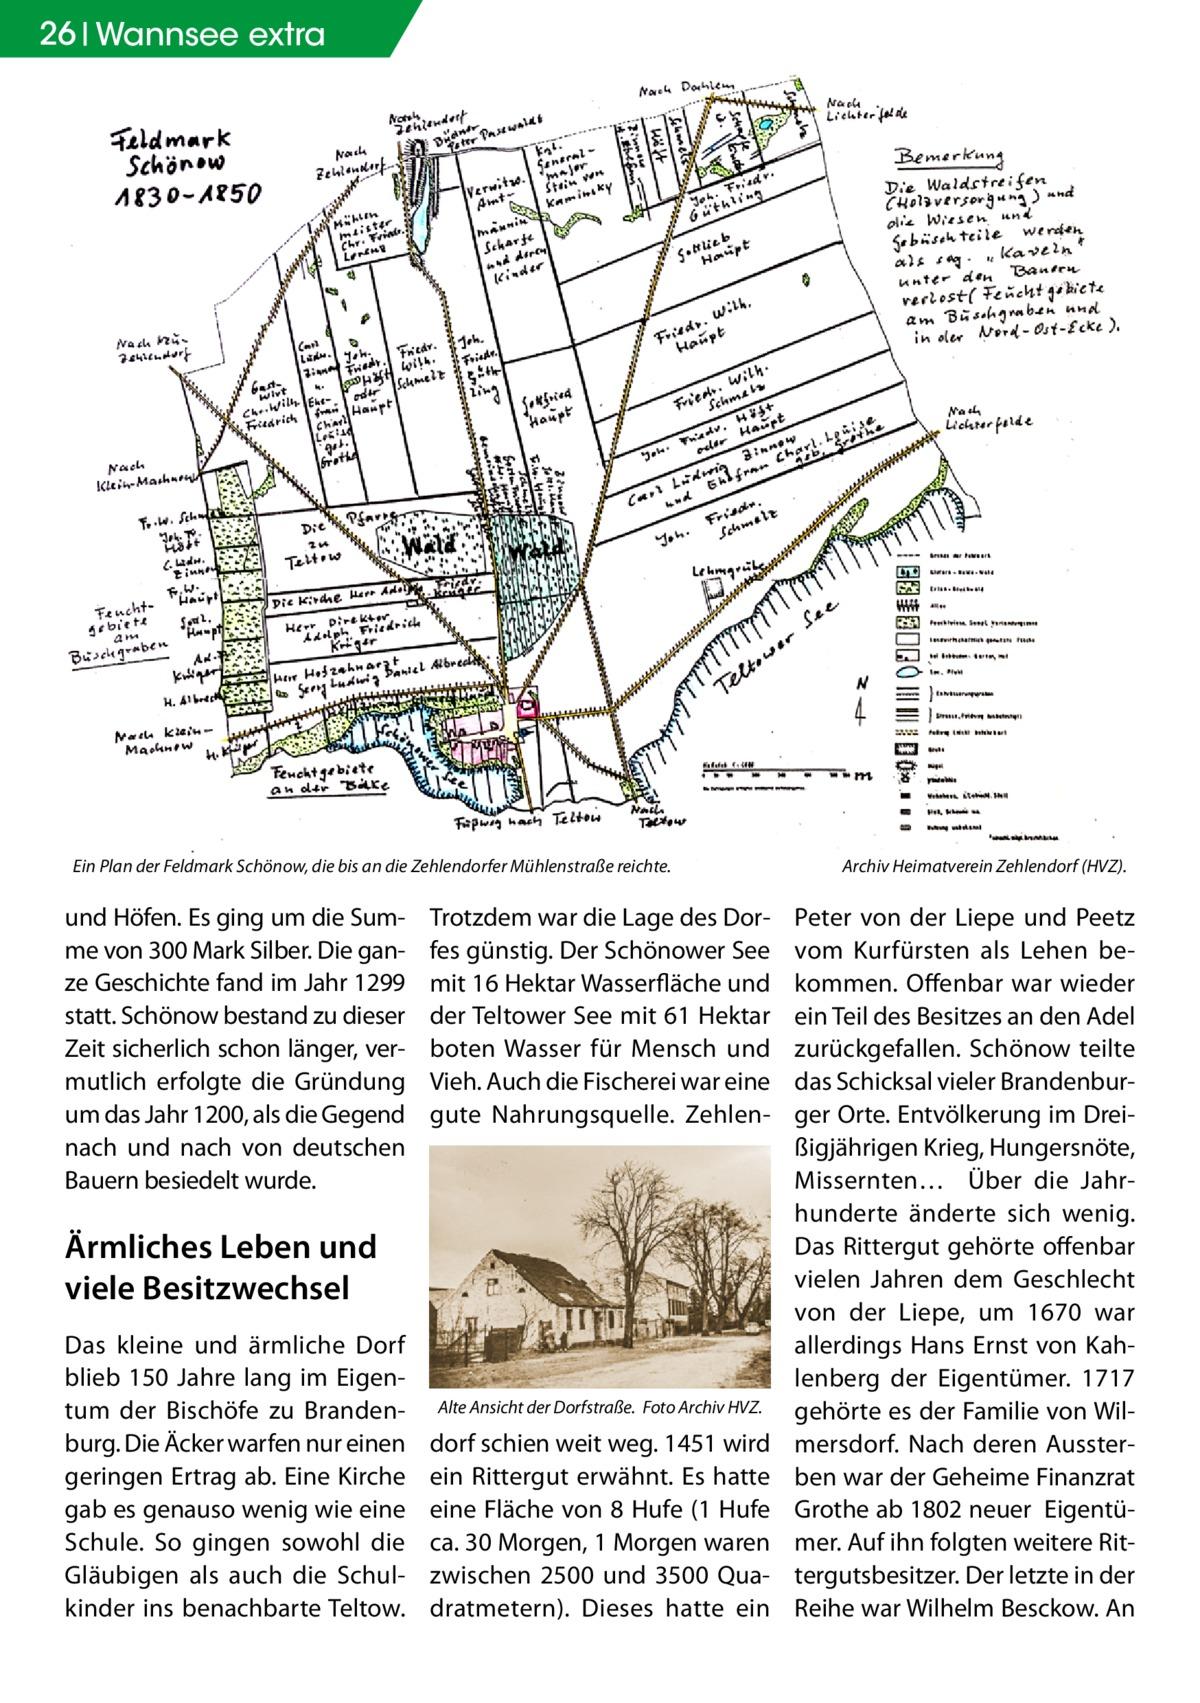 26 Wannsee extra  Ein Plan der Feldmark Schönow, die bis an die Zehlendorfer Mühlenstraße reichte. �  und Höfen. Es ging um die Summe von 300 Mark Silber. Die ganze Geschichte fand im Jahr 1299 statt. Schönow bestand zu dieser Zeit sicherlich schon länger, vermutlich erfolgte die Gründung um das Jahr 1200, als die Gegend nach und nach von deutschen Bauern besiedelt wurde.  Trotzdem war die Lage des Dorfes günstig. Der Schönower See mit 16 Hektar Wasserfläche und der Teltower See mit 61 Hektar boten Wasser für Mensch und Vieh. Auch die Fischerei war eine gute Nahrungsquelle. Zehlen Ärmliches Leben und viele Besitzwechsel Das kleine und ärmliche Dorf blieb 150 Jahre lang im Eigentum der Bischöfe zu Brandenburg. Die Äcker warfen nur einen geringen Ertrag ab. Eine Kirche gab es genauso wenig wie eine Schule. So gingen sowohl die Gläubigen als auch die Schulkinder ins benachbarte Teltow.  Alte Ansicht der Dorfstraße. �Foto Archiv HVZ.  dorf schien weit weg. 1451 wird ein Rittergut erwähnt. Es hatte eine Fläche von 8 Hufe (1 Hufe ca. 30 Morgen, 1 Morgen waren zwischen 2500 und 3500 Quadratmetern). Dieses hatte ein  Archiv Heimatverein Zehlendorf (HVZ).  Peter von der Liepe und Peetz vom Kurfürsten als Lehen bekommen. Offenbar war wieder ein Teil des Besitzes an den Adel zurückgefallen. Schönow teilte das Schicksal vieler Brandenburger Orte. Entvölkerung im Dreißigjährigen Krieg, Hungersnöte, Missernten… Über die Jahrhunderte änderte sich wenig. Das Rittergut gehörte offenbar vielen Jahren dem Geschlecht von der Liepe, um 1670 war allerdings Hans Ernst von Kahlenberg der Eigentümer. 1717 gehörte es der Familie von Wilmersdorf. Nach deren Aussterben war der Geheime Finanzrat Grothe ab 1802 neuer Eigentümer. Auf ihn folgten weitere Rittergutsbesitzer. Der letzte in der Reihe war Wilhelm Besckow. An